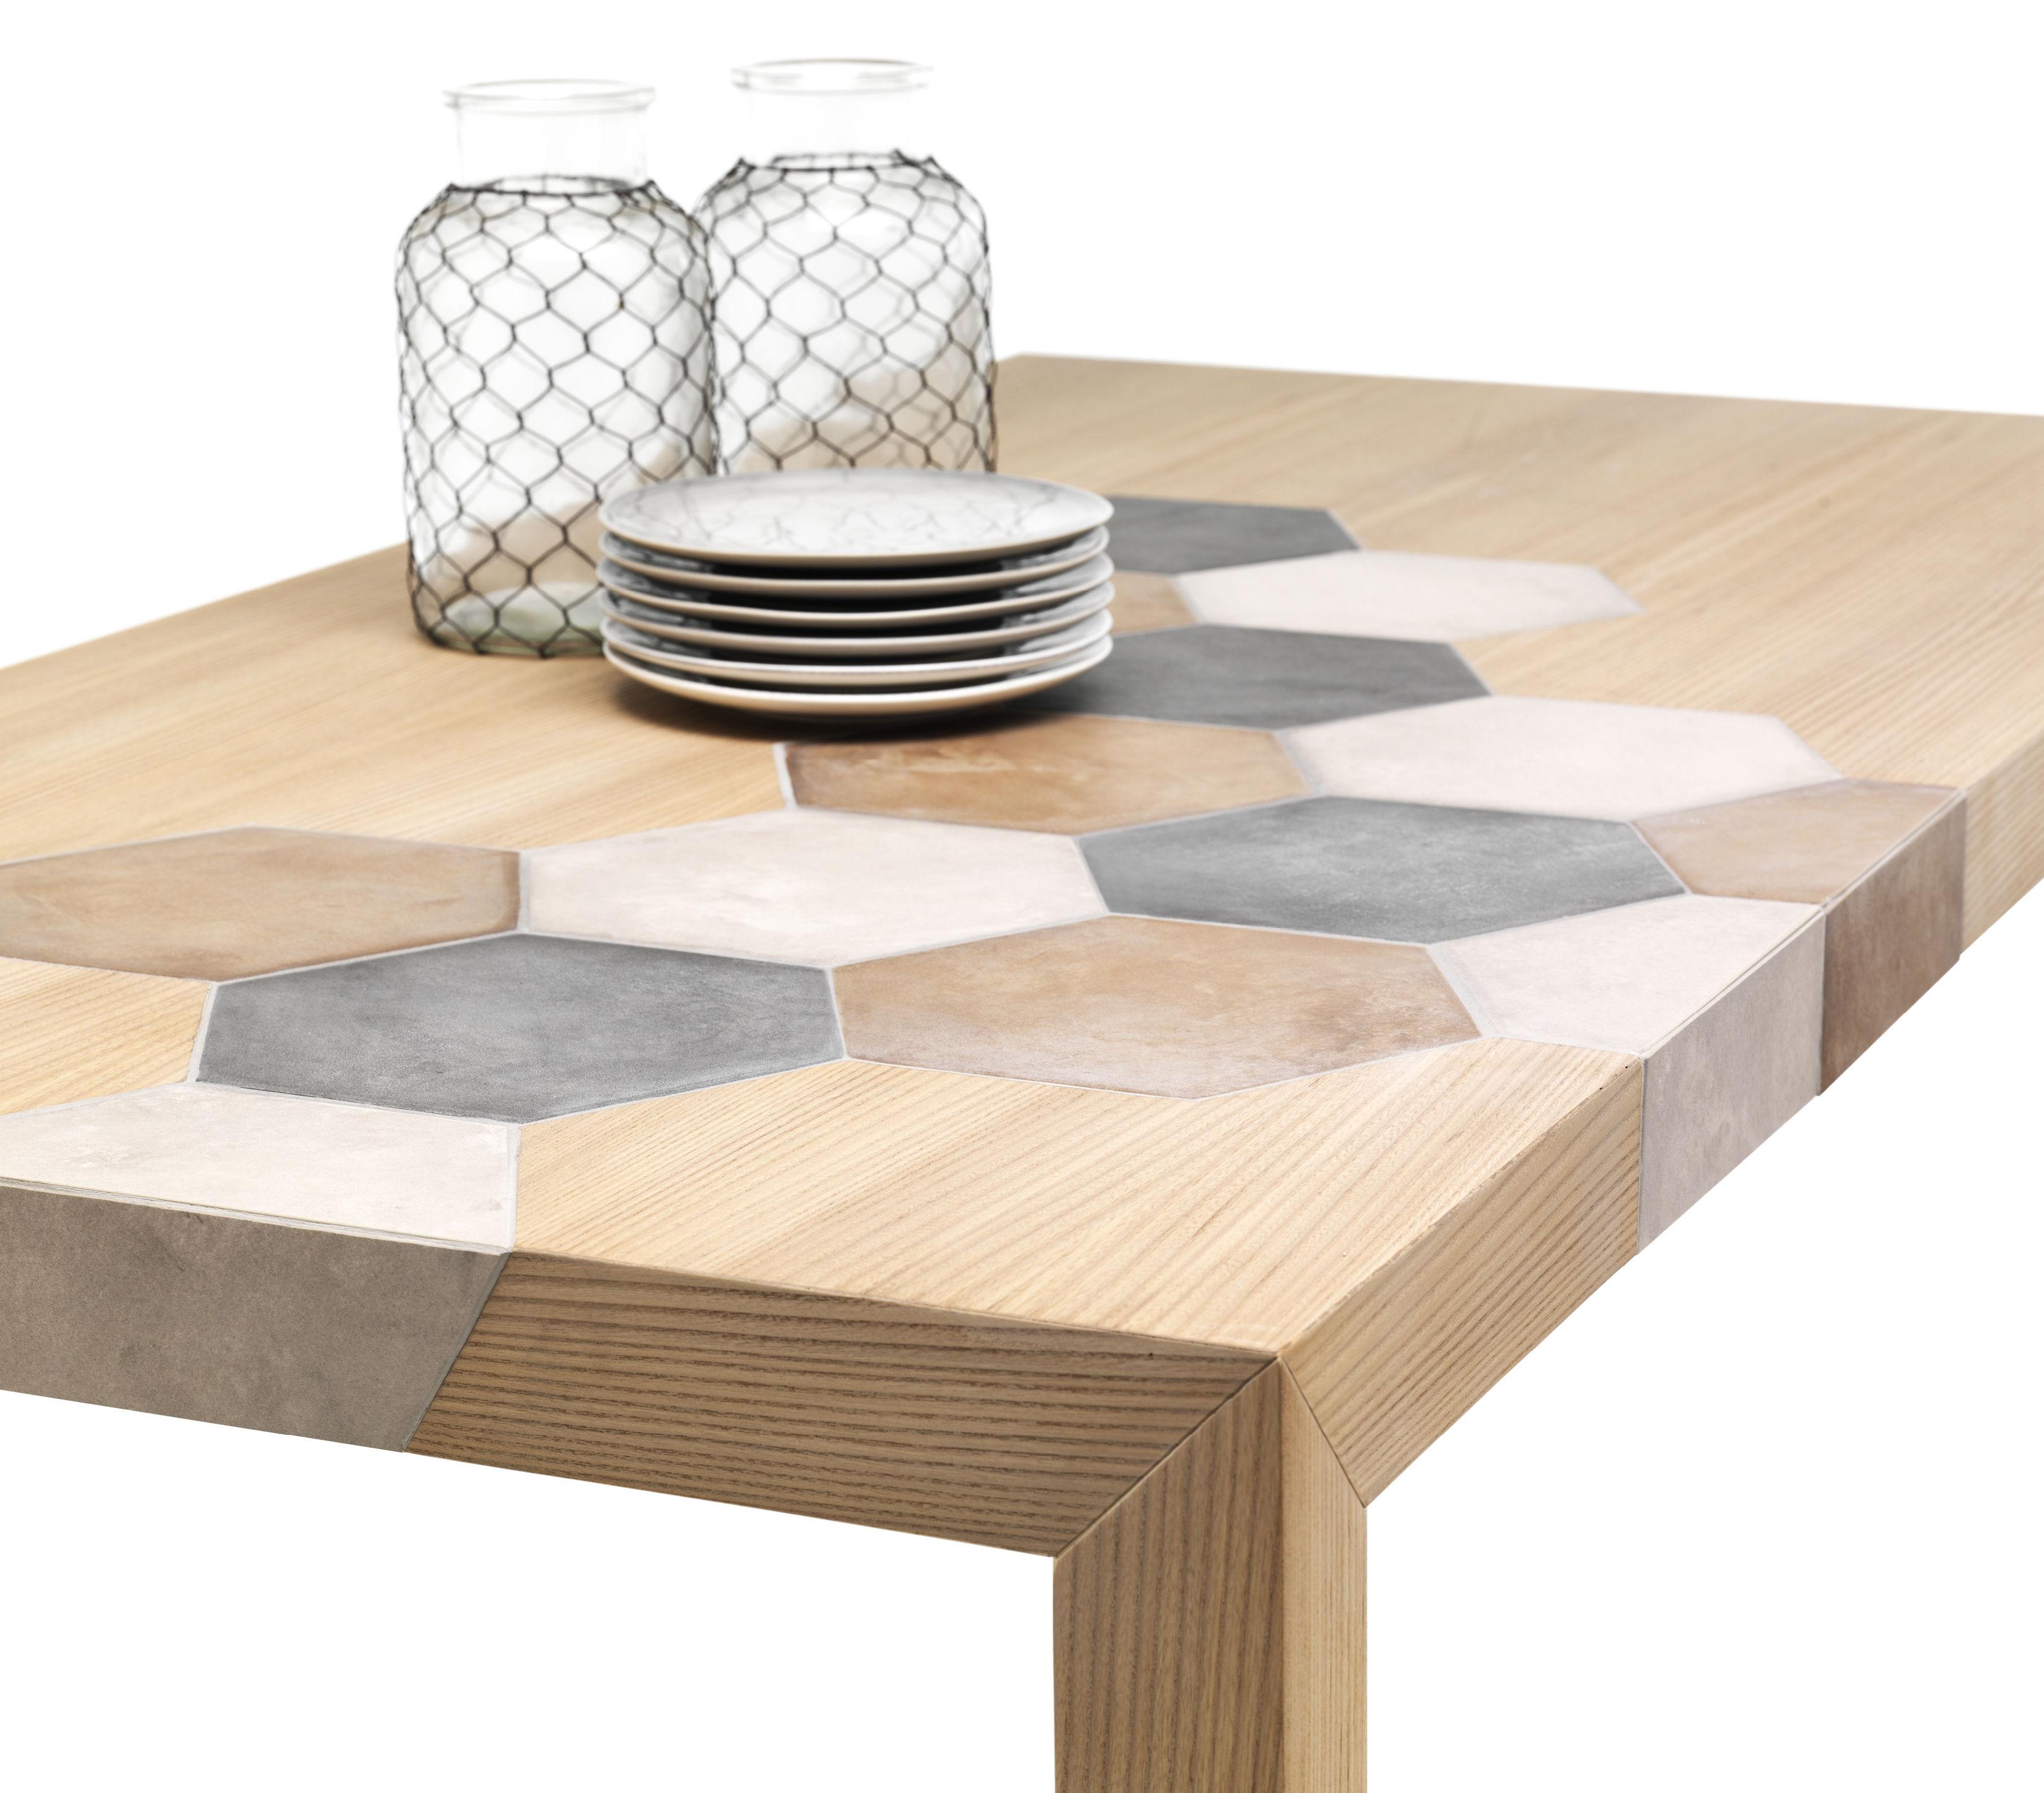 table cementino bois carreaux de ciment bois naturel. Black Bedroom Furniture Sets. Home Design Ideas